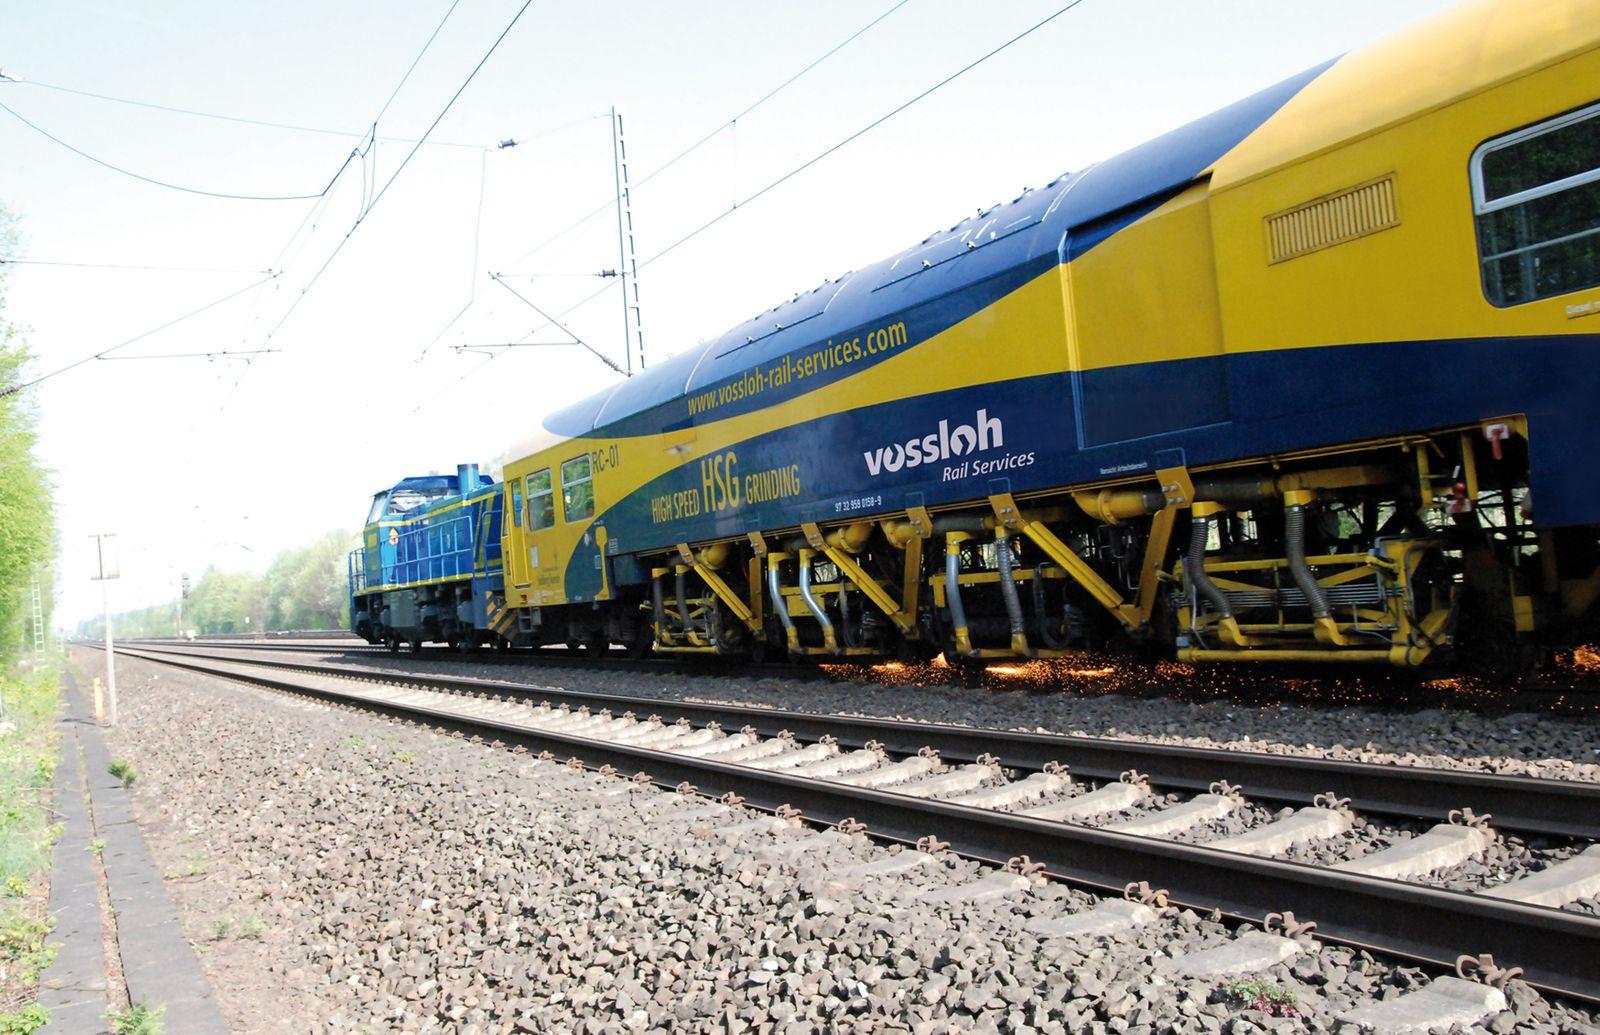 Vossloh Rail Services / Zug